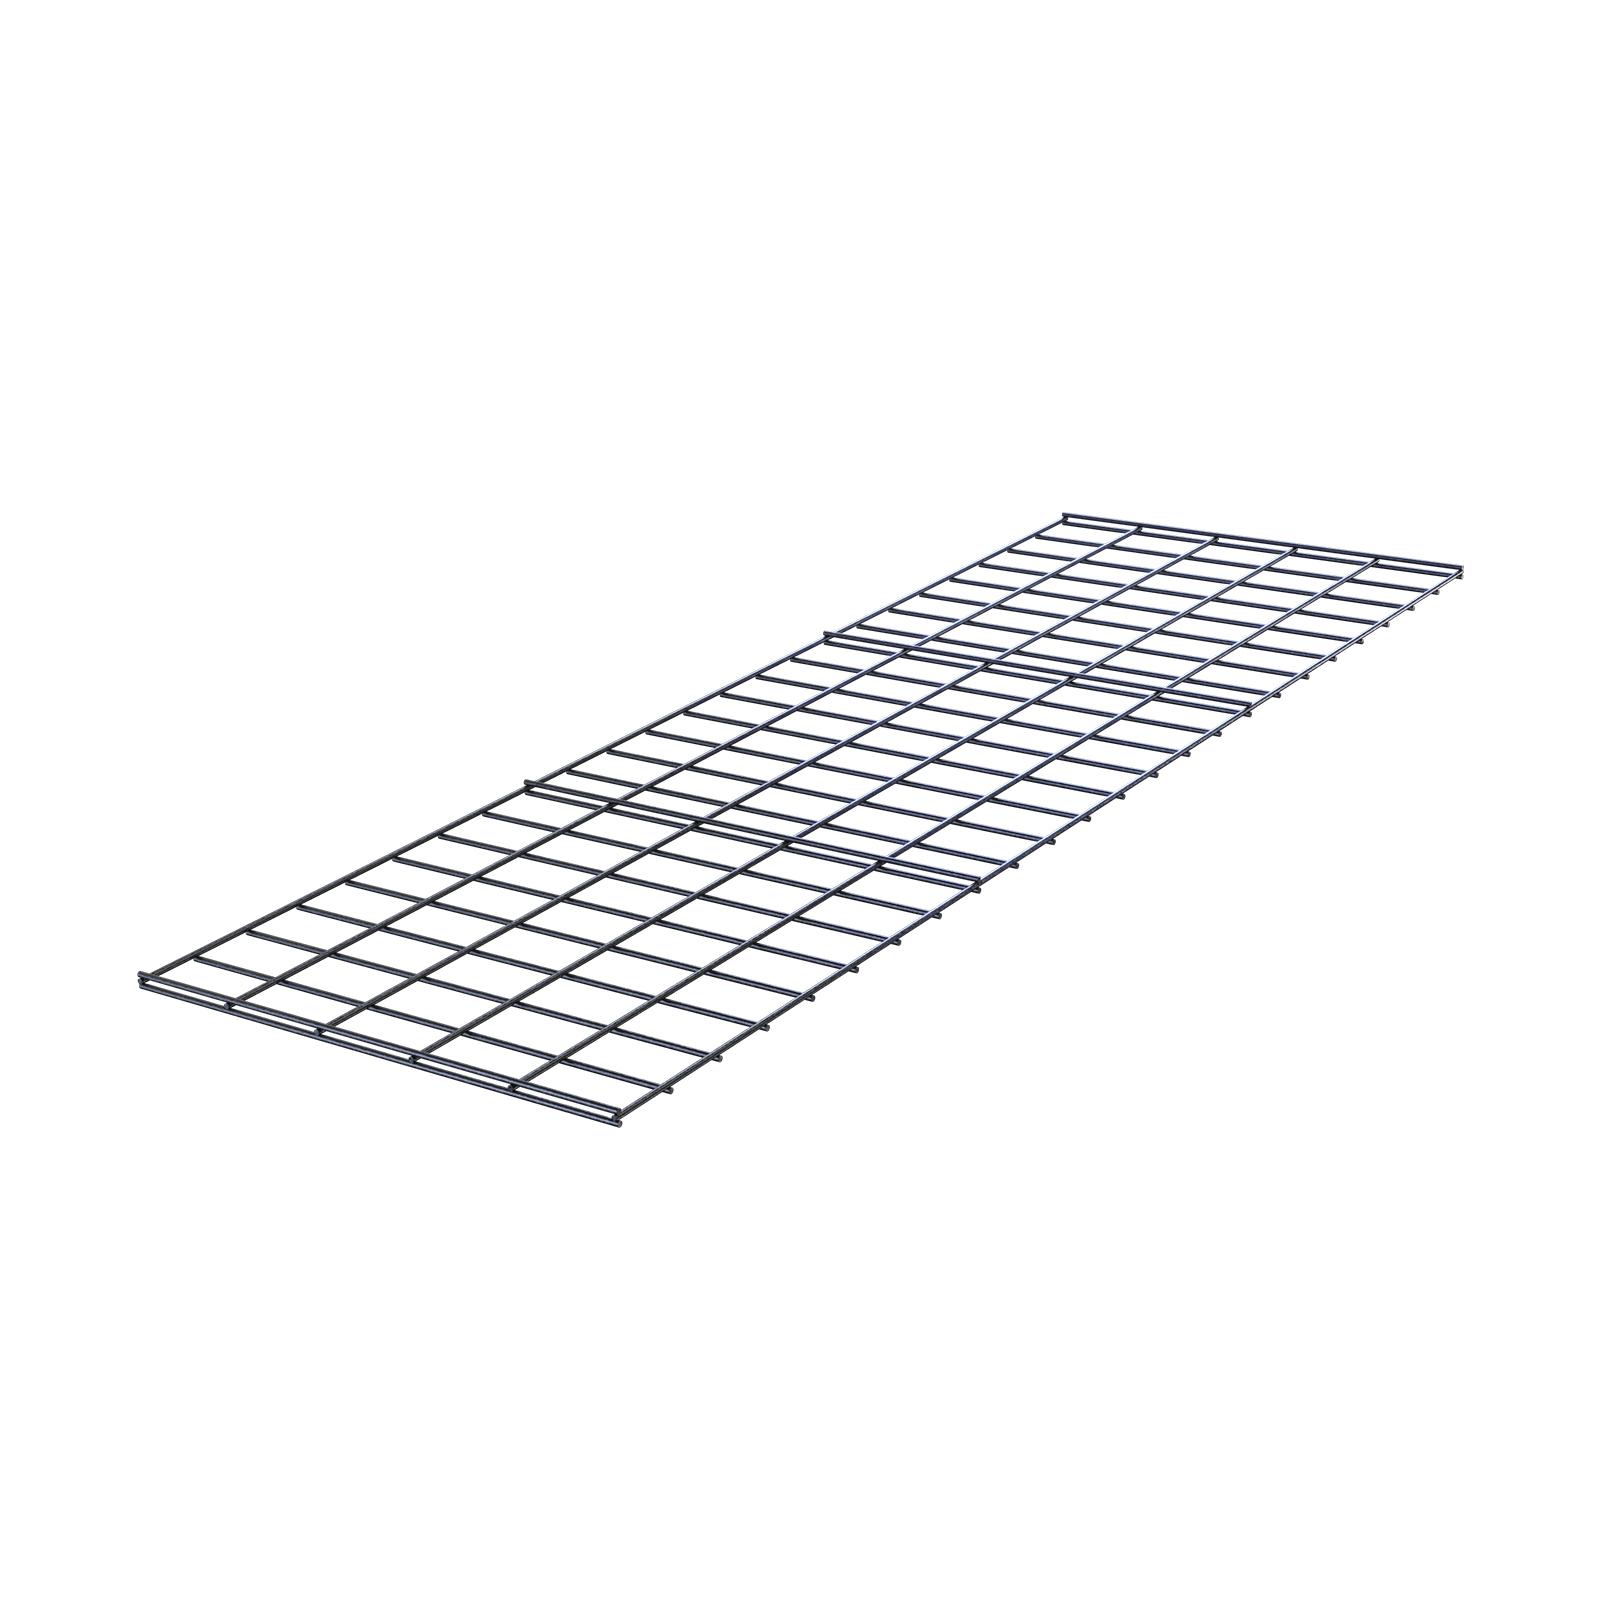 Rack It 400kg 1195 x 400mm Wire Shelf (for 430 Rack depth)